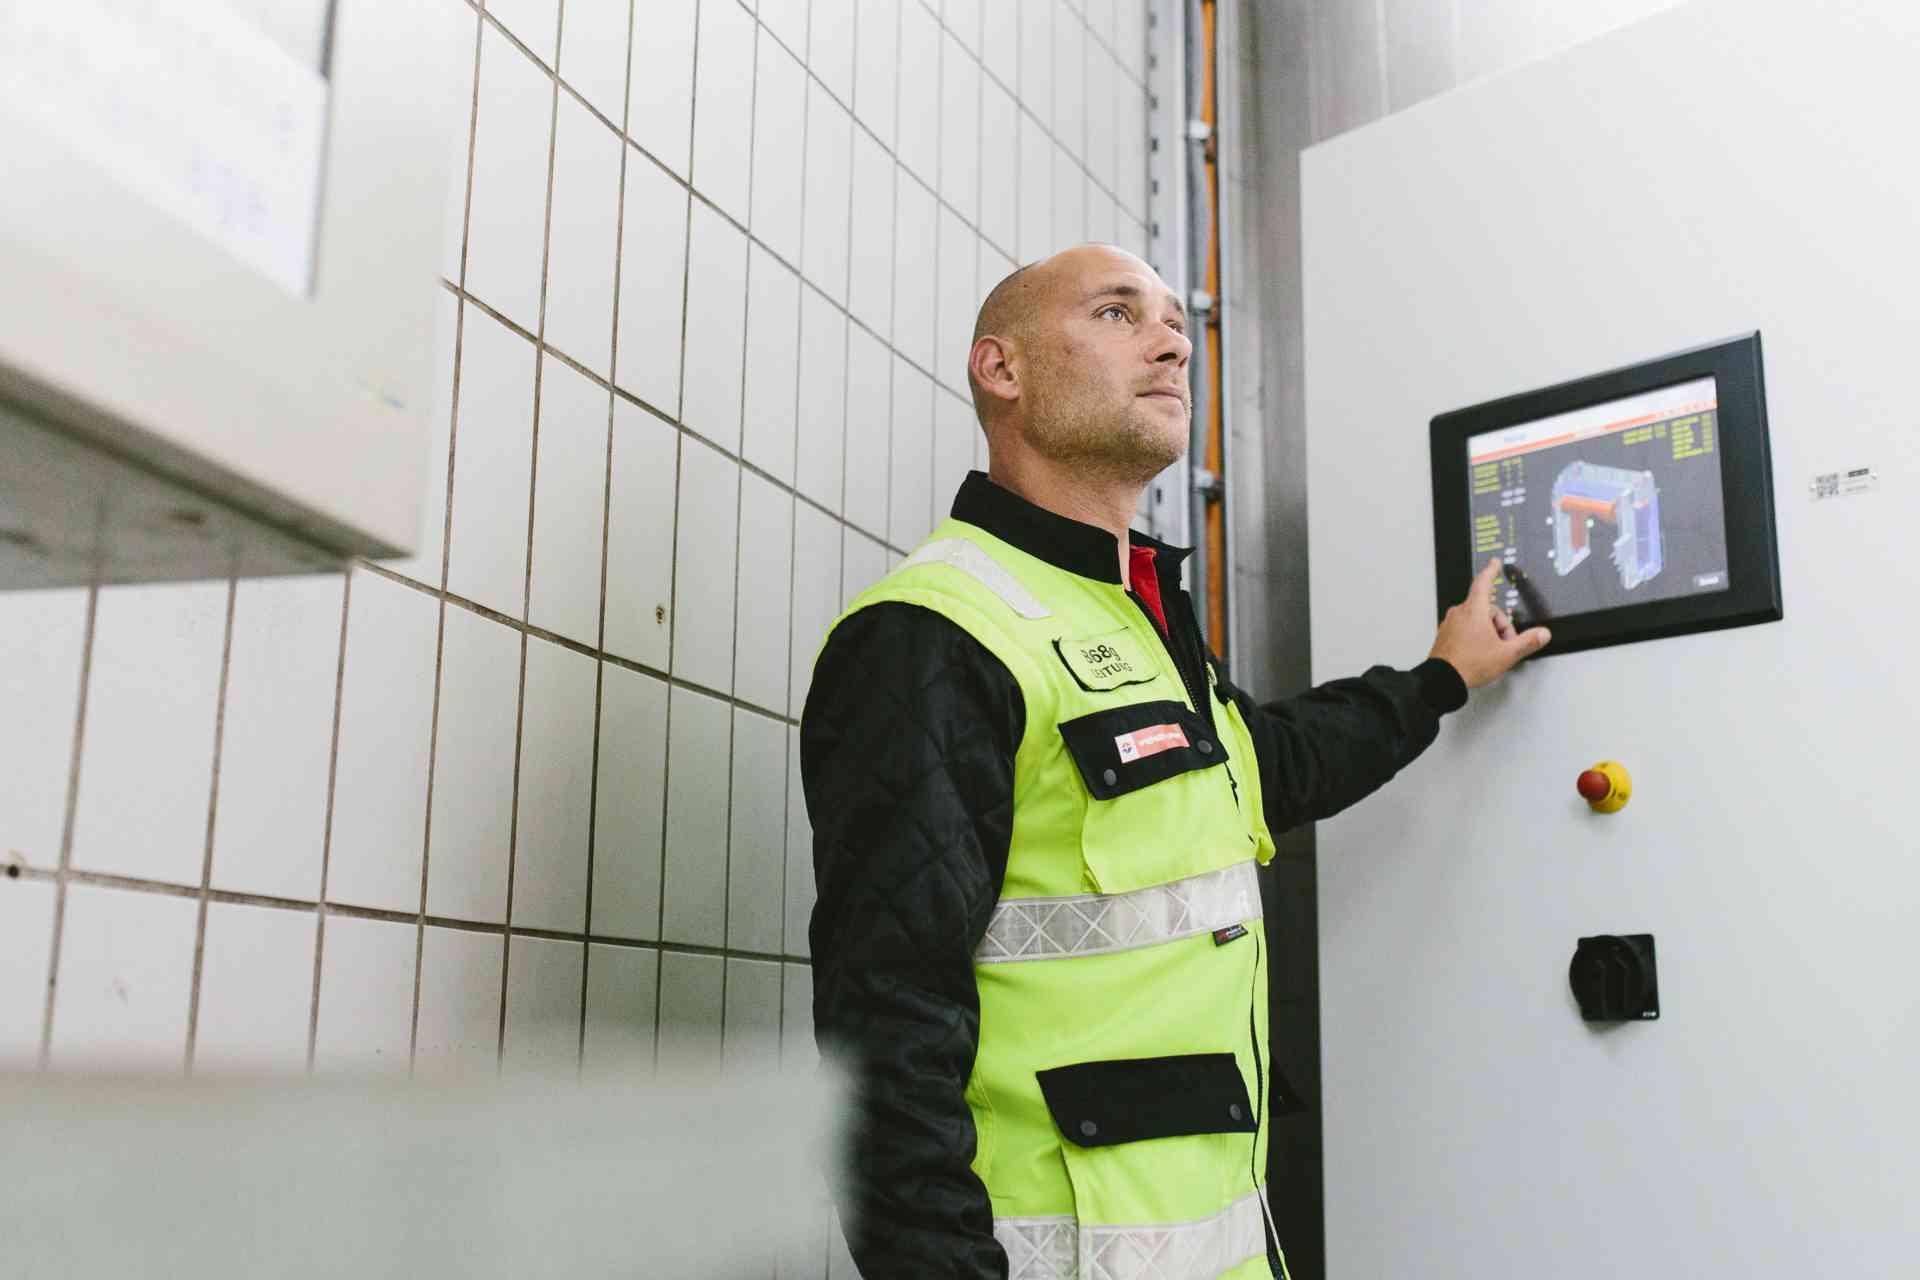 Michael Dörr am Touchscreen der Waschanlage.